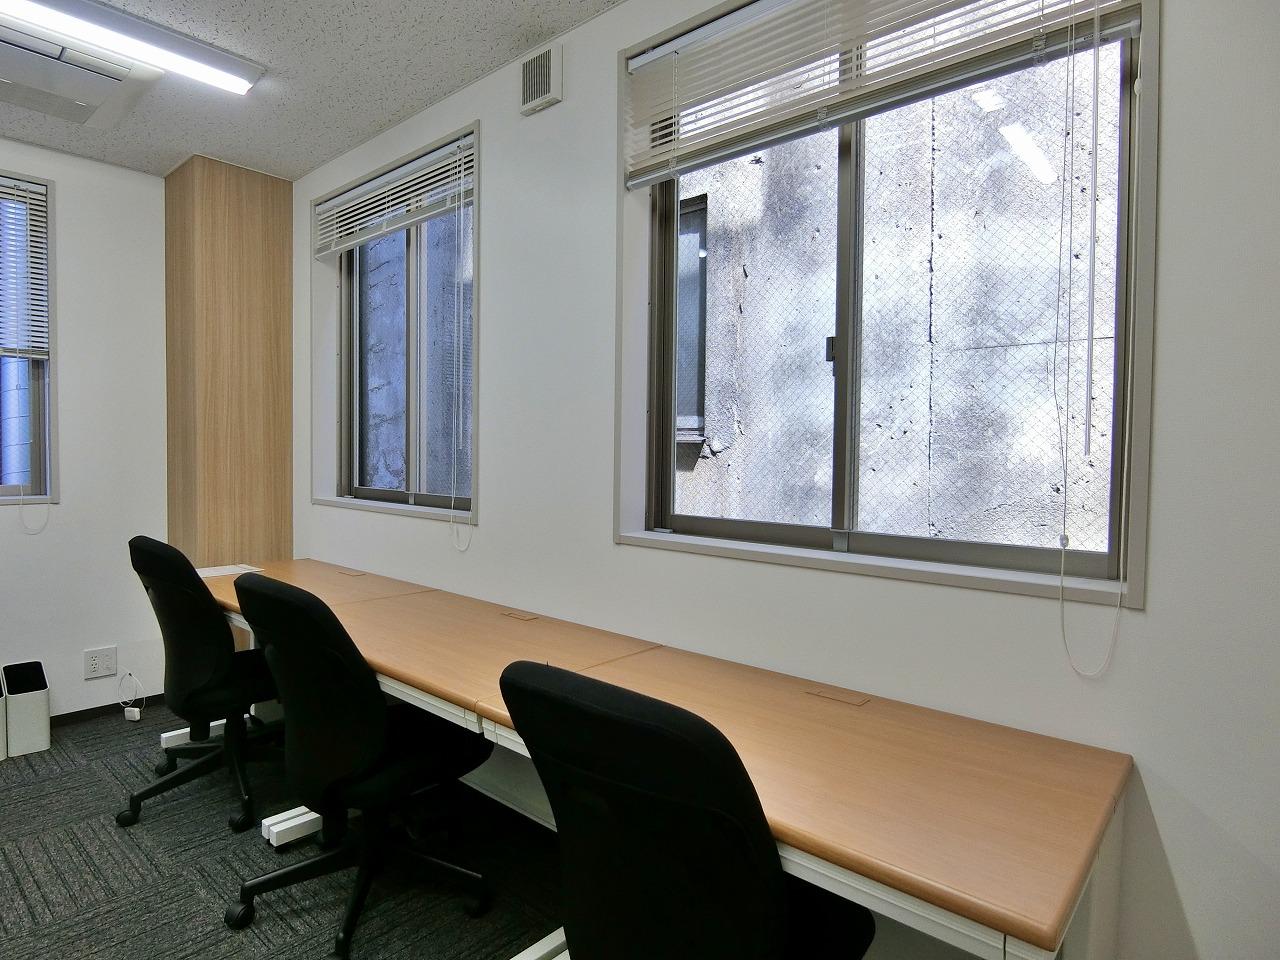 【港区 新橋】新橋駅徒歩3分の築浅オフィスビル!9名用